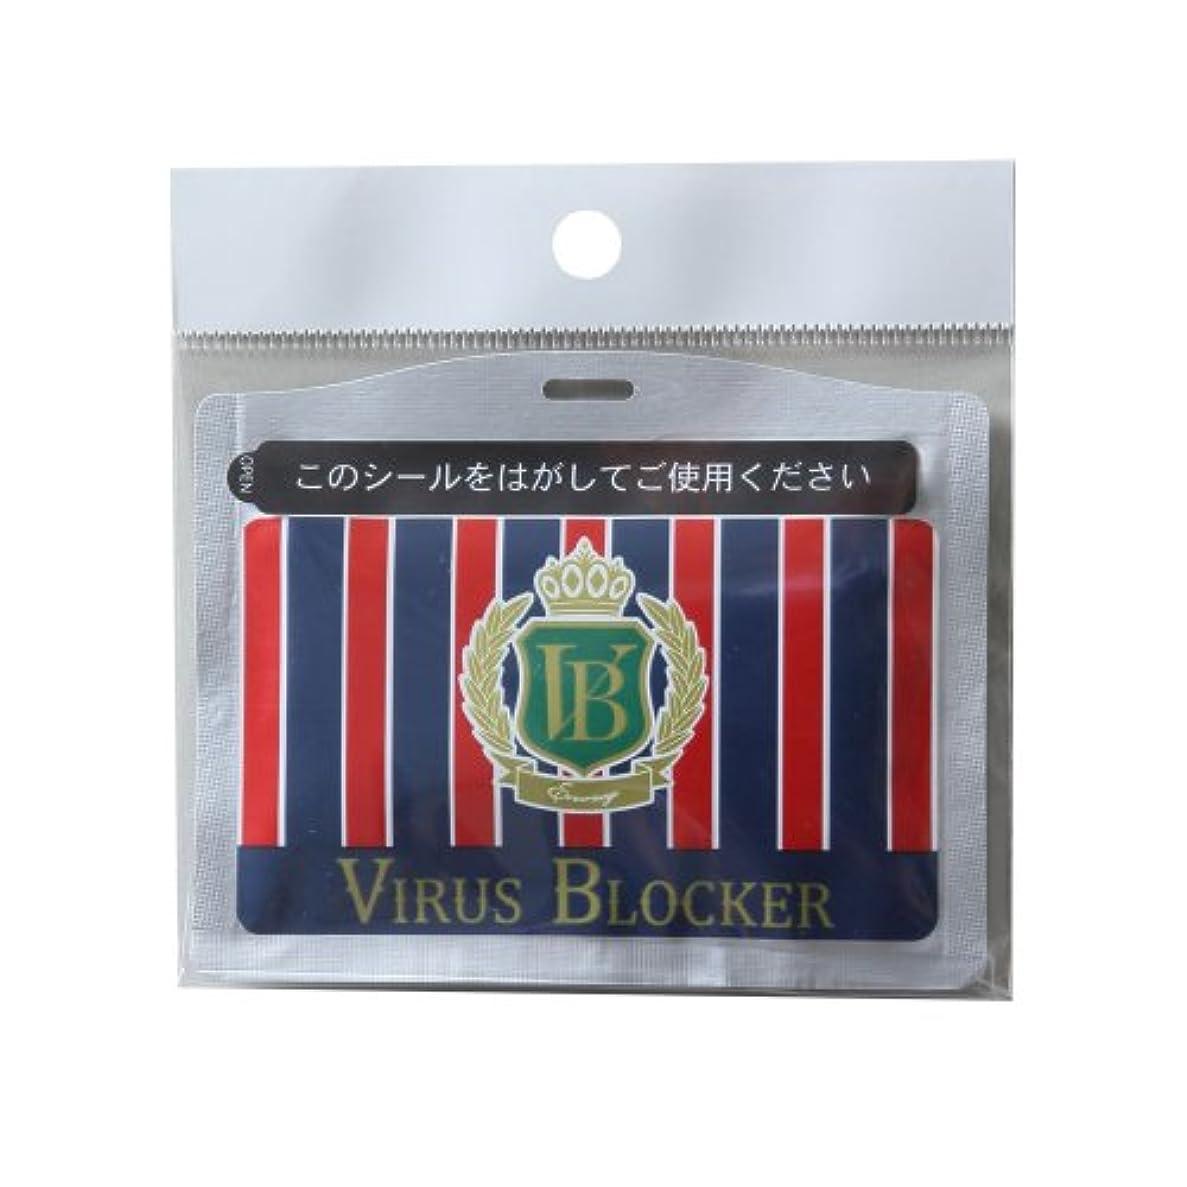 騒々しい透ける定数ウイルスブロッカーVB トラッド レフィル (CLA48)